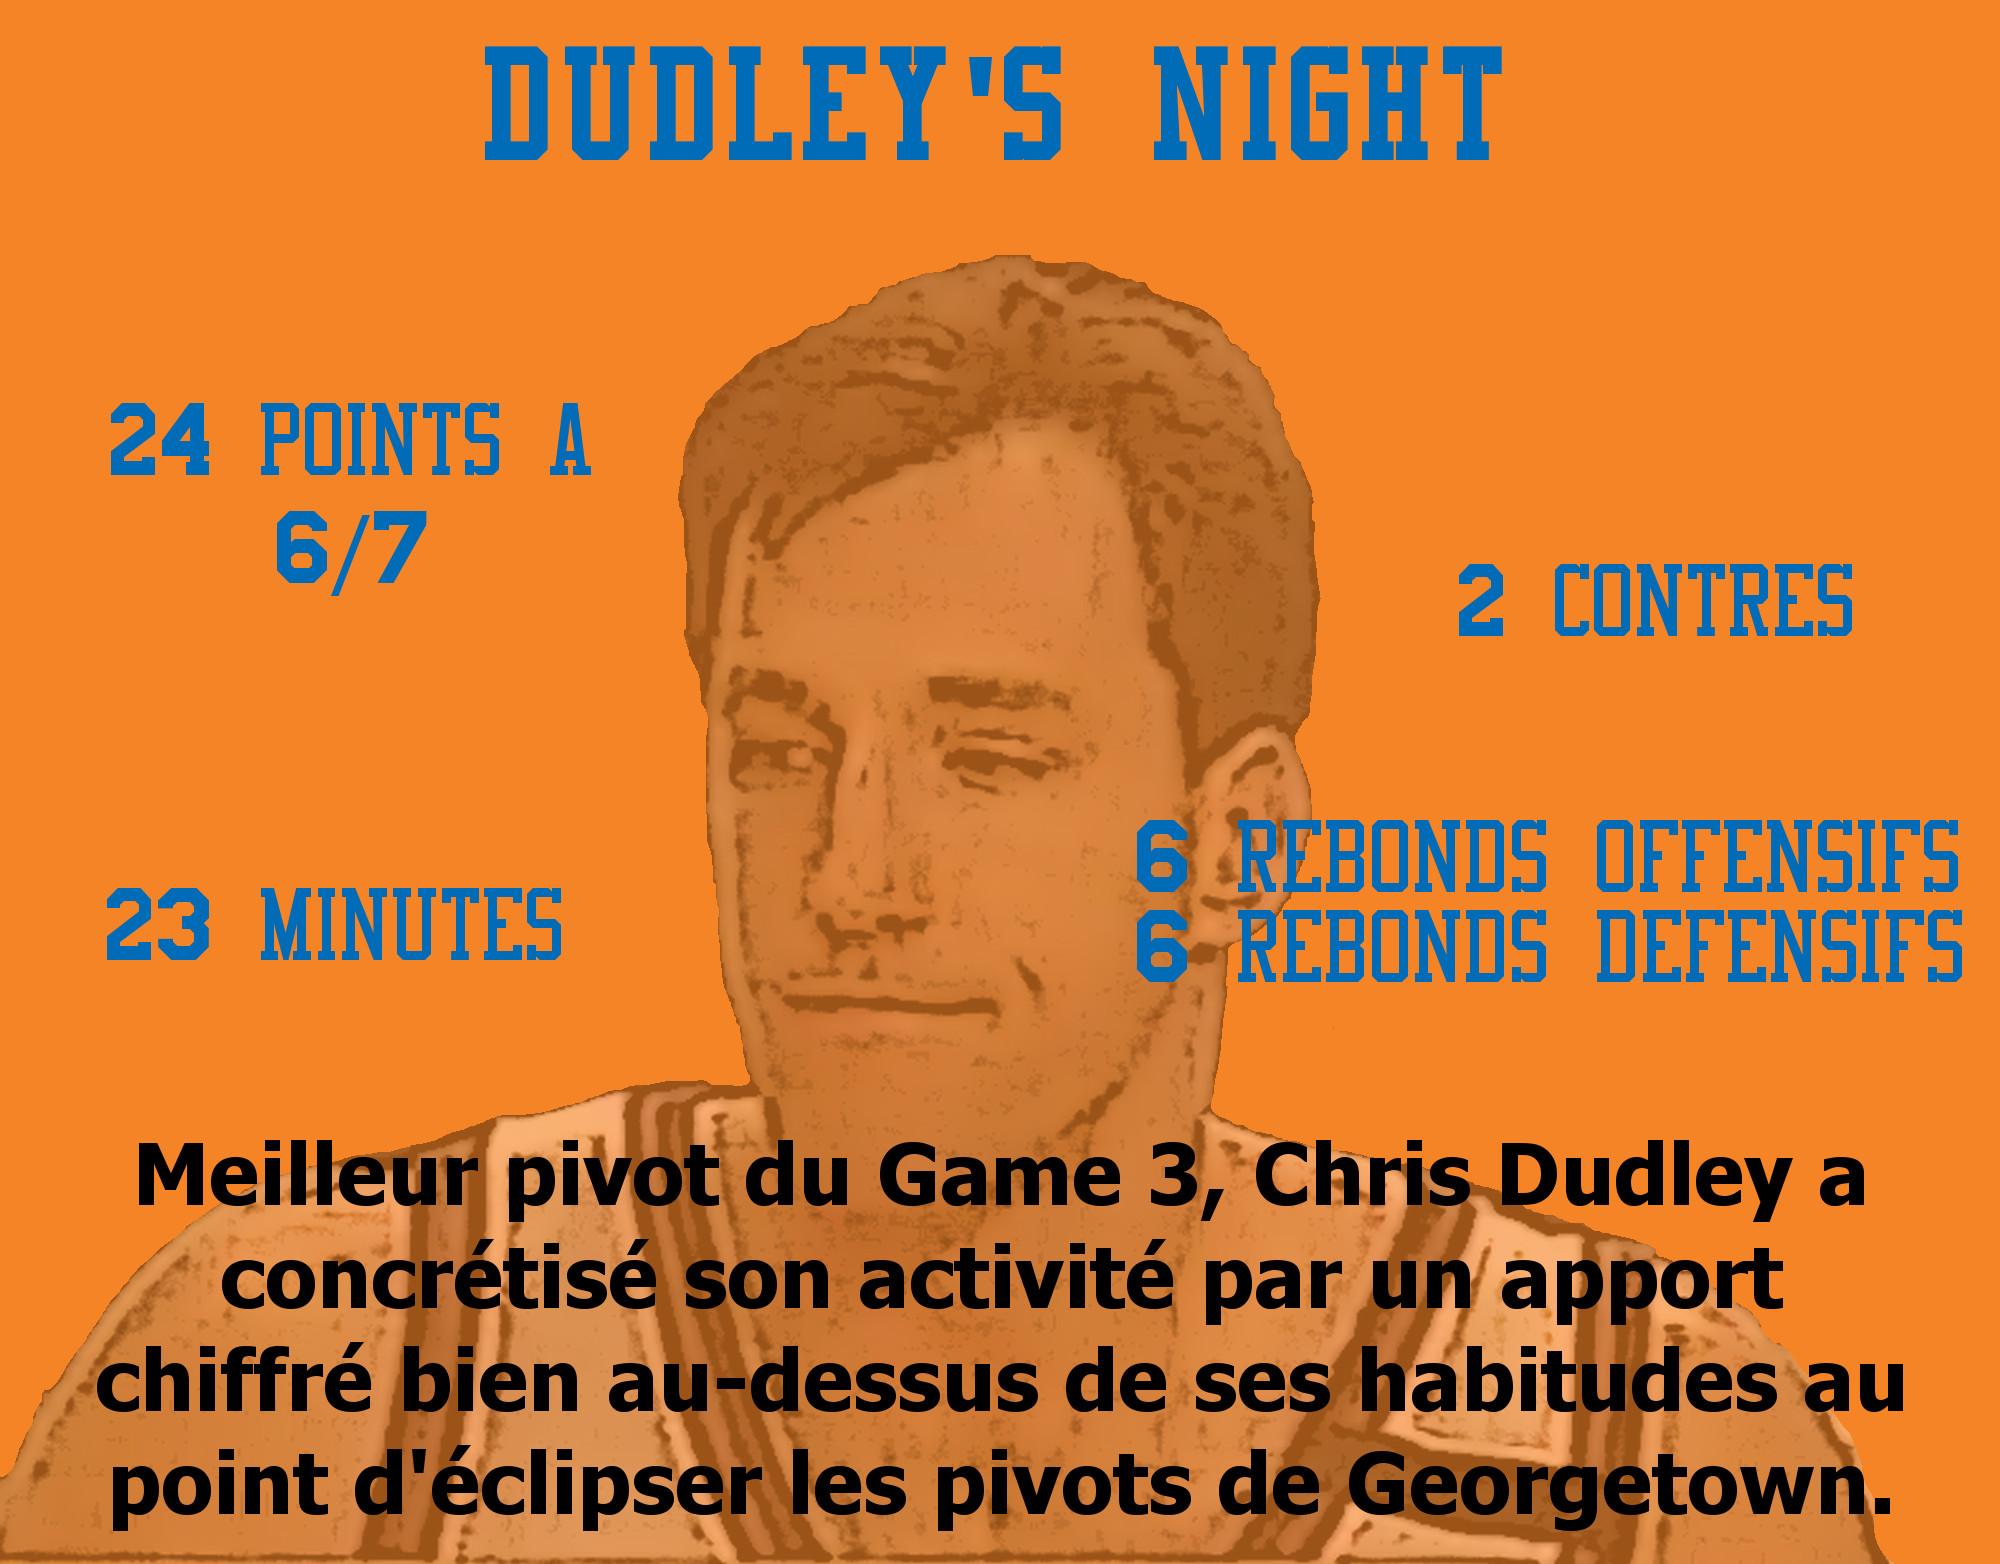 Chris Dudley déchire pour les Knicks lors du Game 3